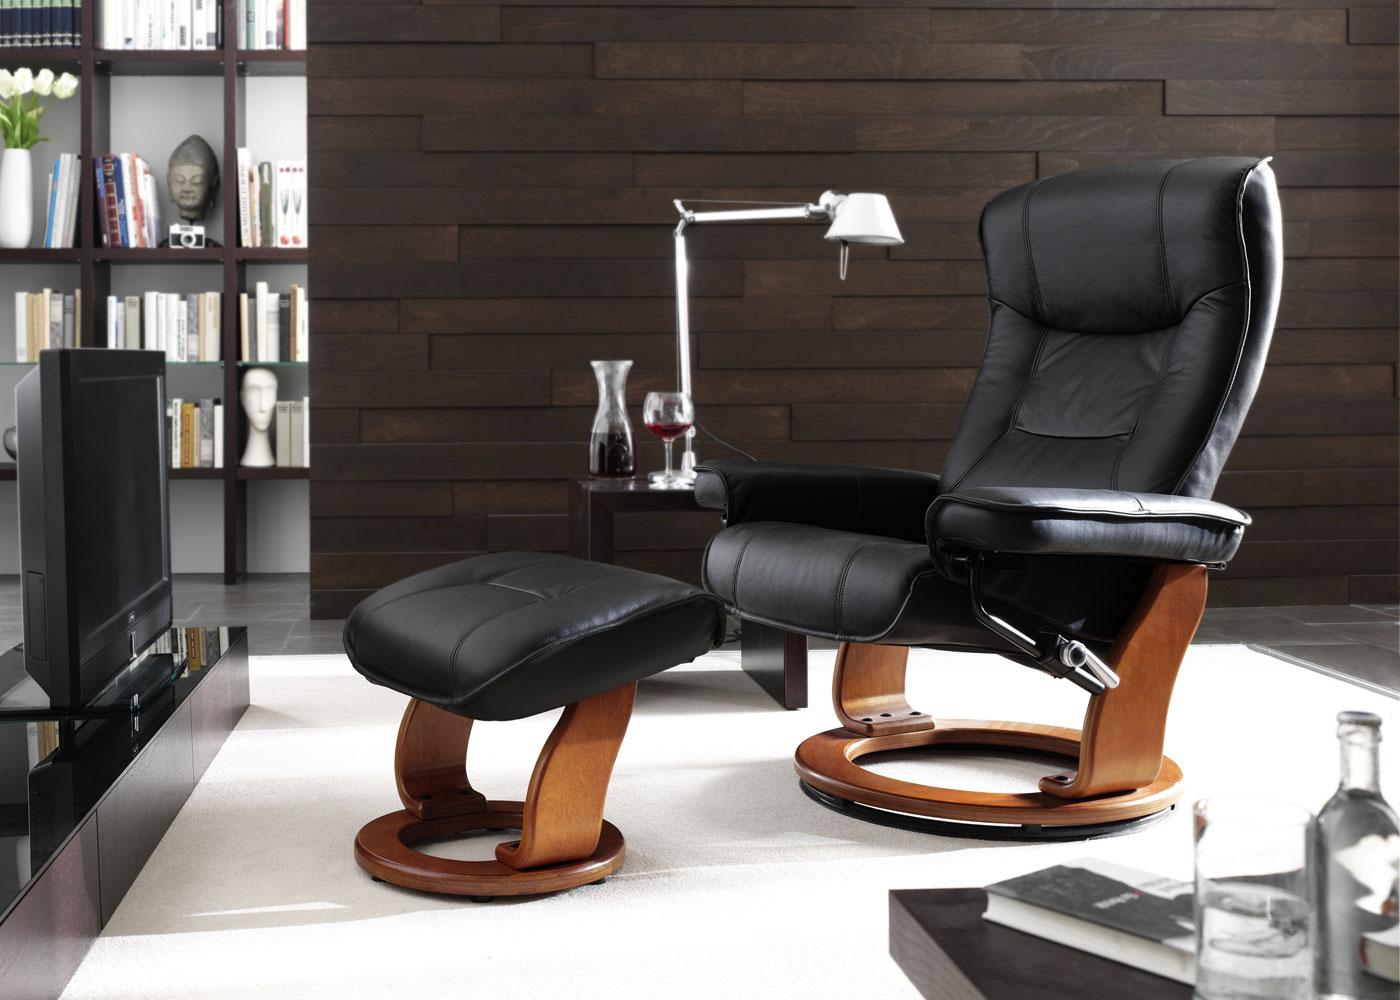 mca fauteuil relax de t l hamilton tabouret cuir charge 130kg cr me dor ebay. Black Bedroom Furniture Sets. Home Design Ideas